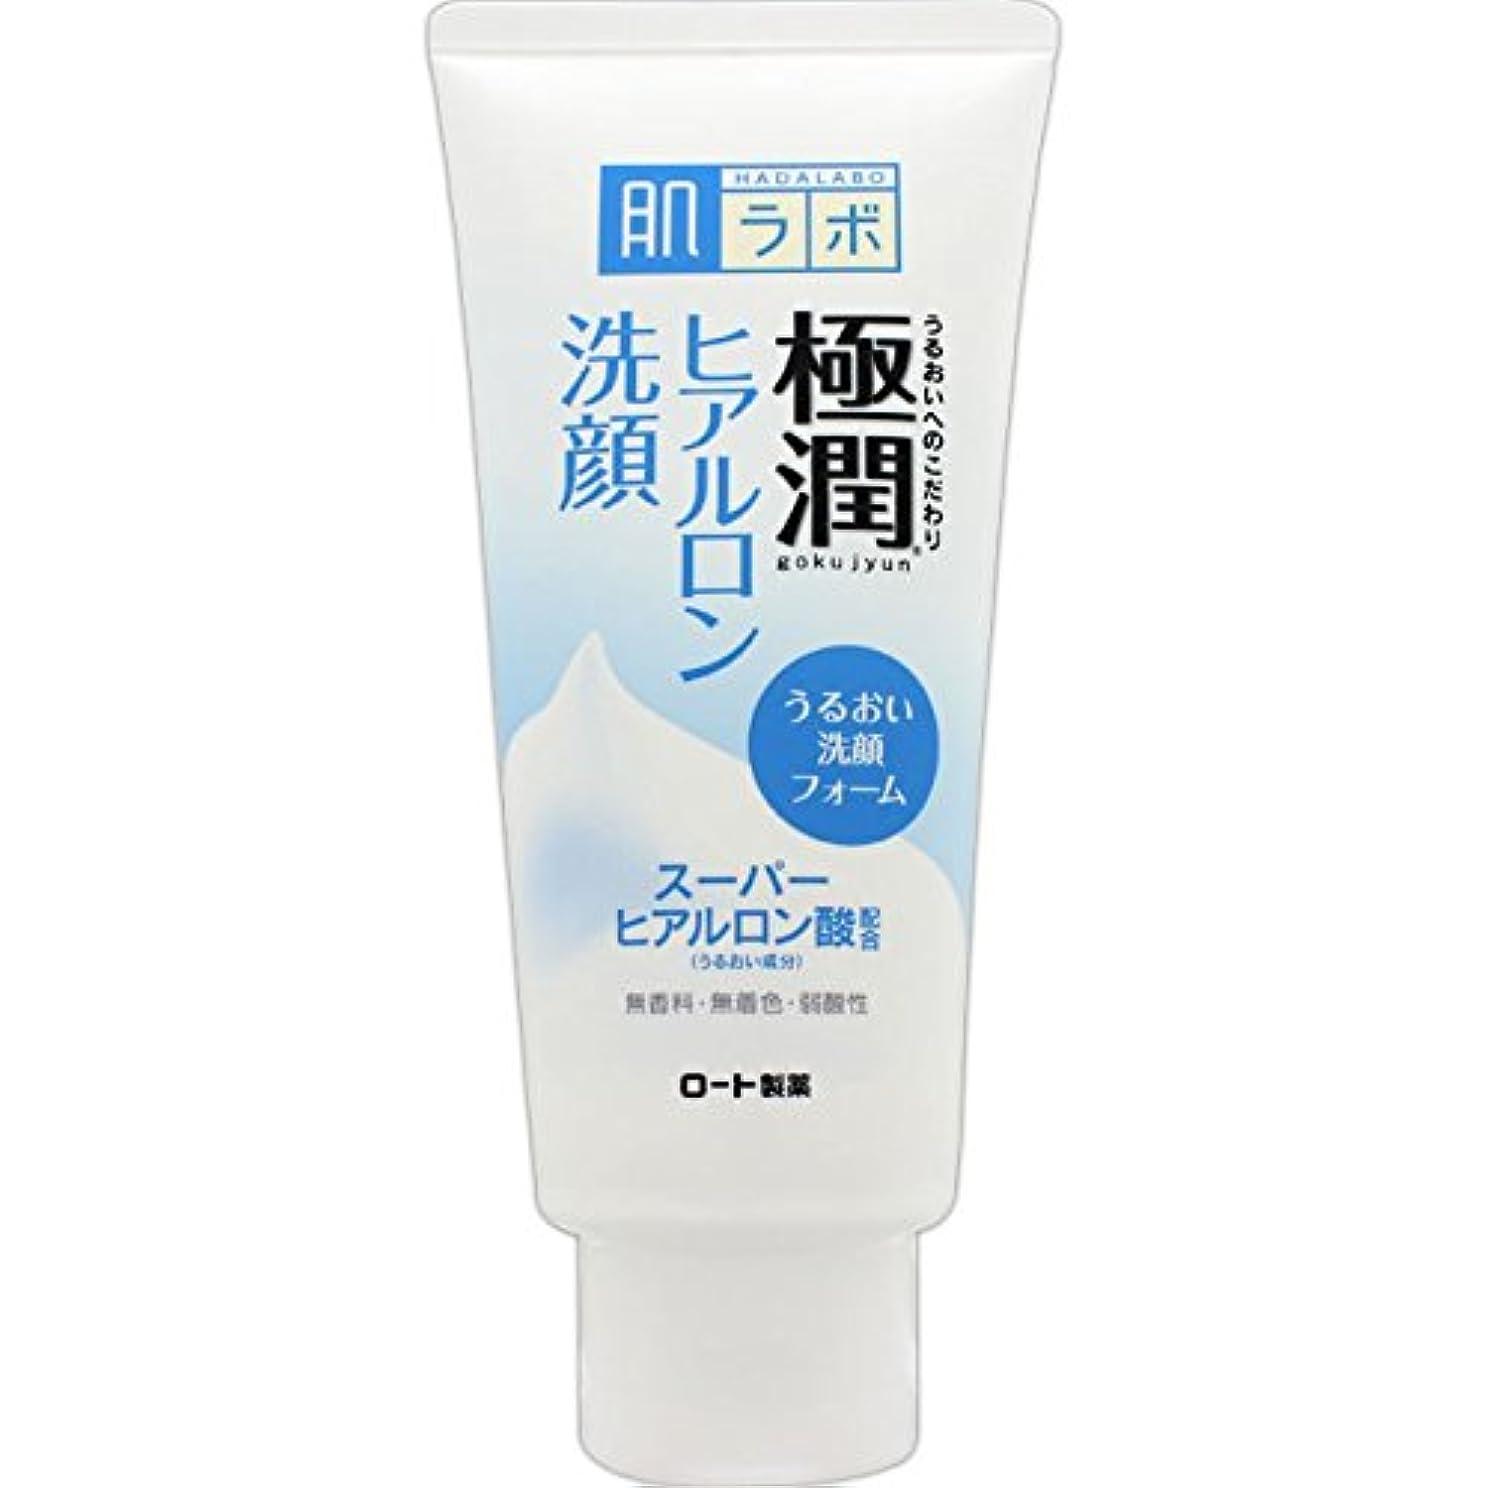 ブル独特の寄付する肌ラボ 極潤 ヒアルロン洗顔フォーム スーパーヒアルロン酸&吸着型ヒアルロン酸をW配合 100g